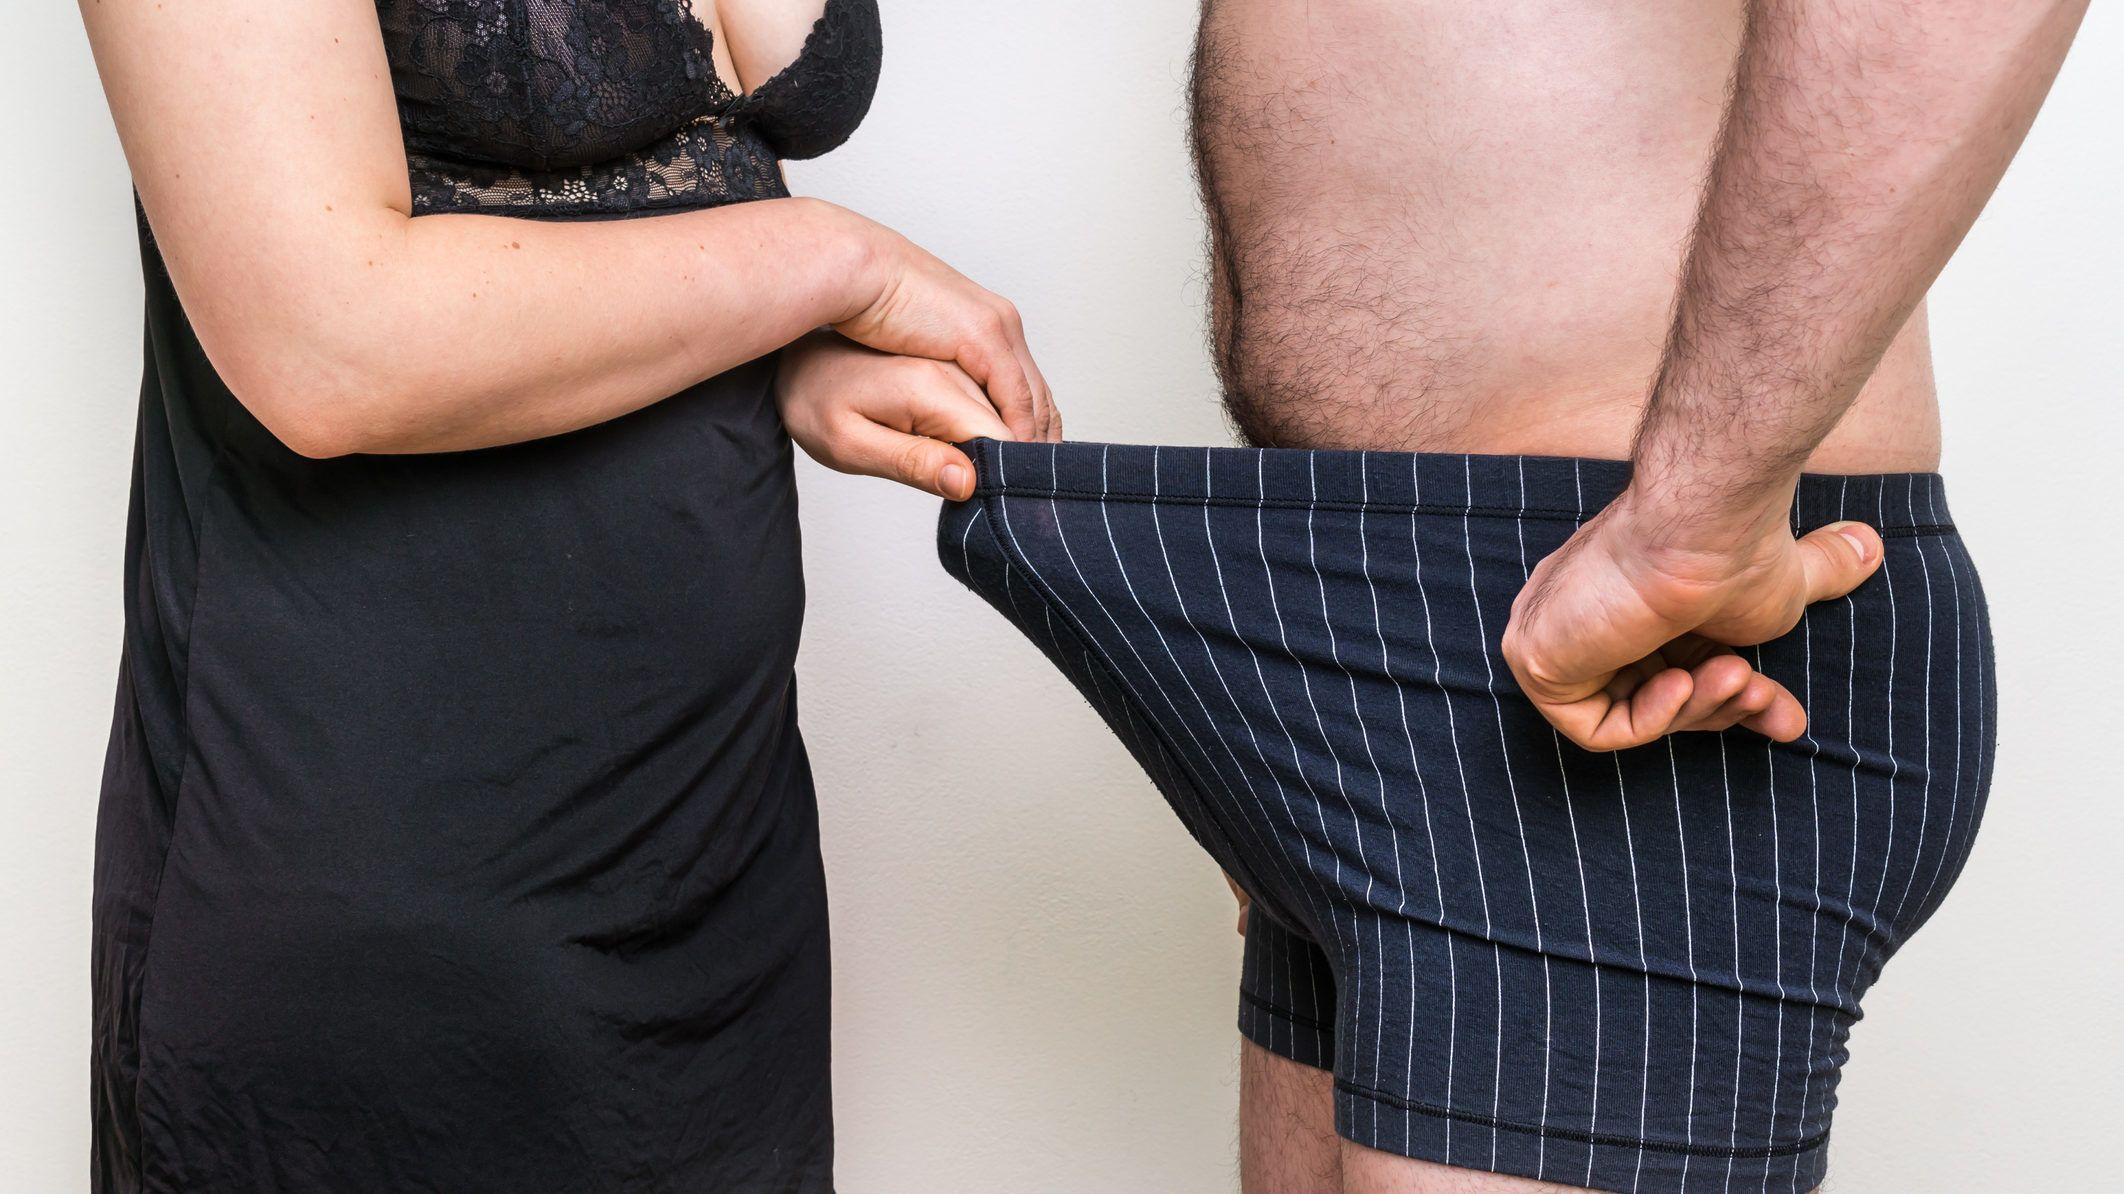 népi gyógymódok az erekció felvetésére akciók a pénisz növekedésére